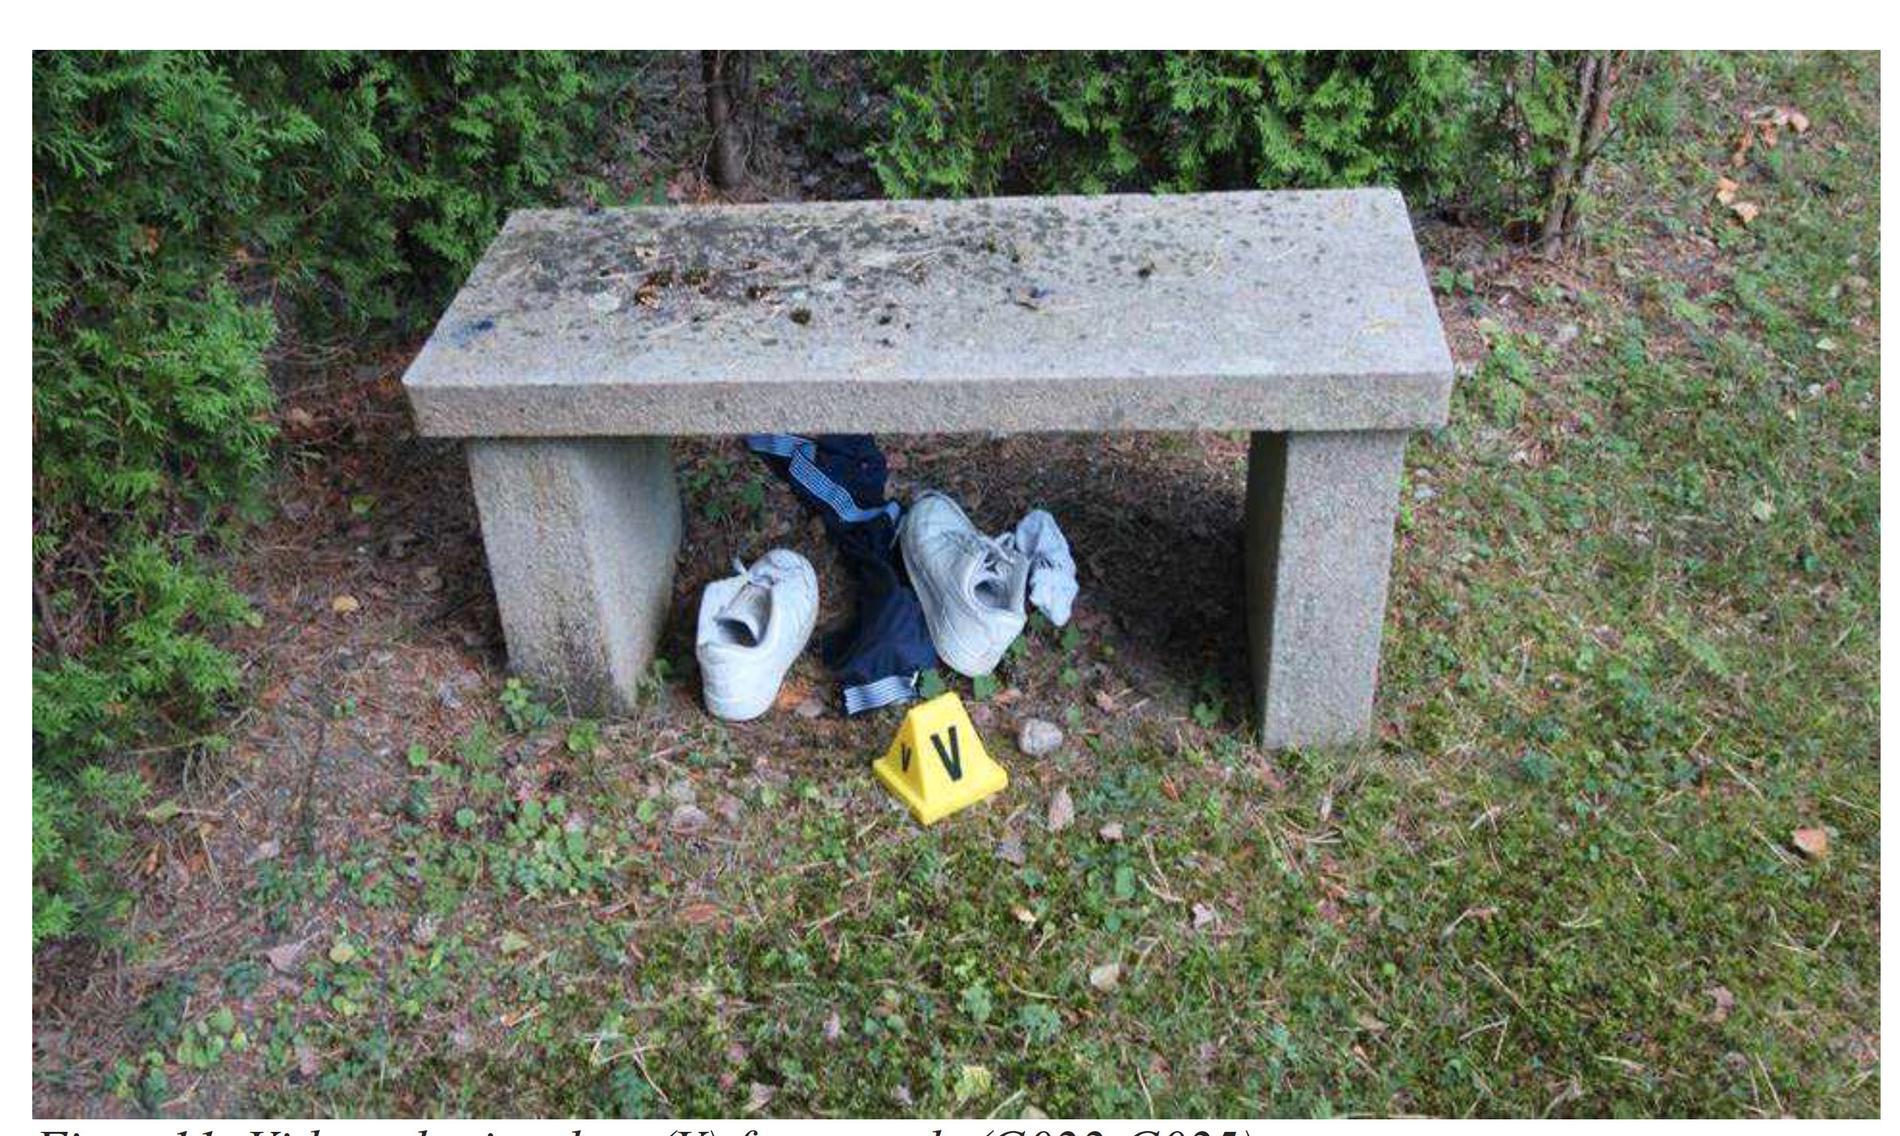 Pojkarnas kläder under en bänk på kyrkogården.